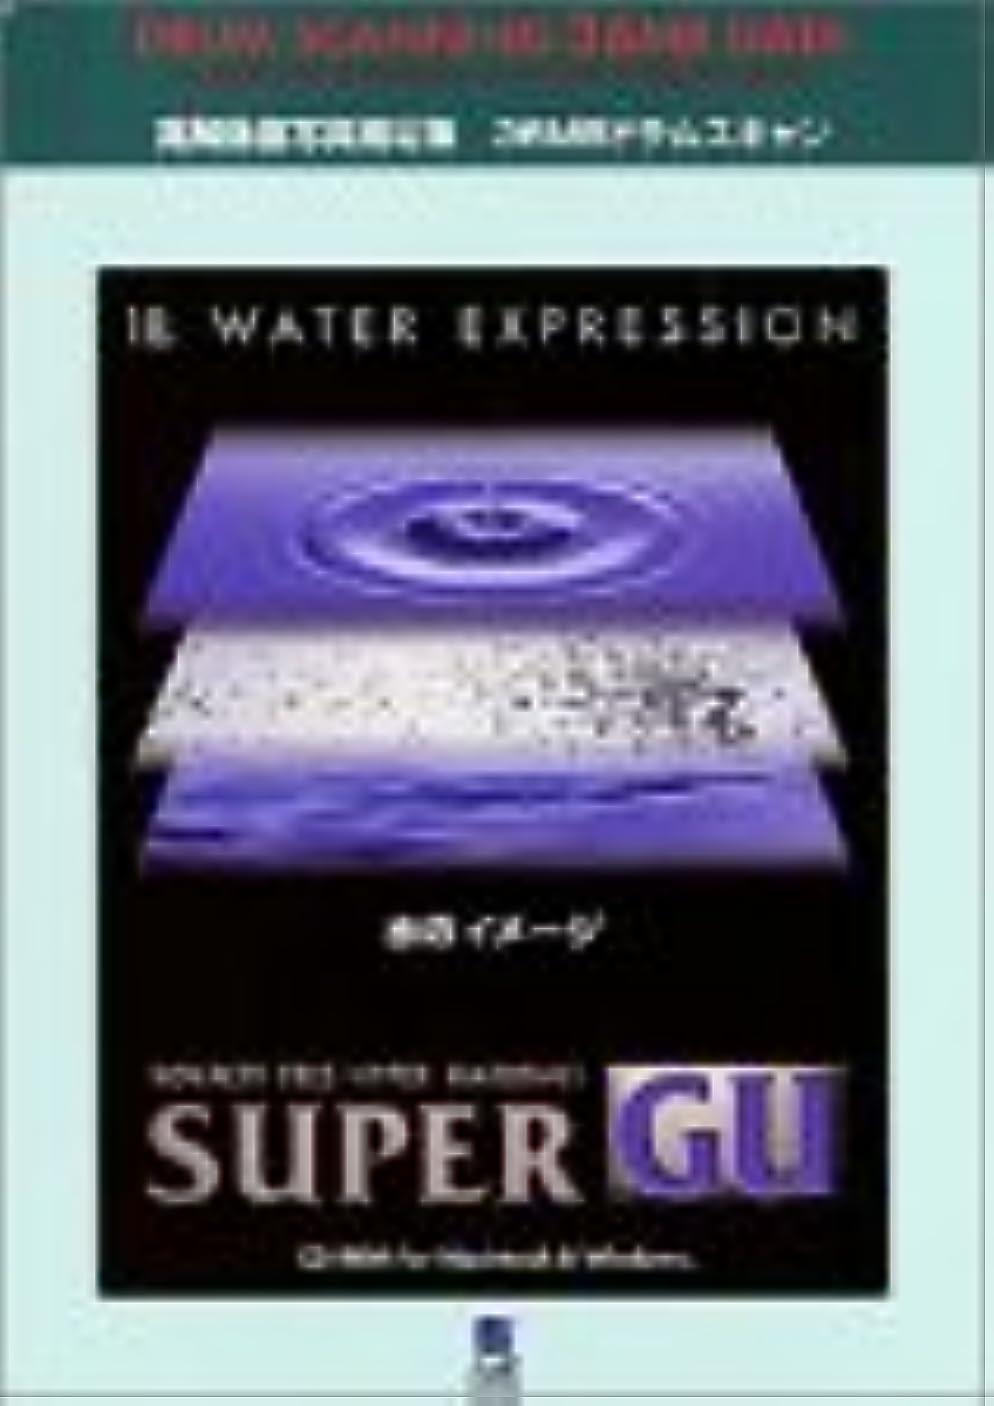 お気に入り反逆者高尚なSuper GU 18 Water Expression